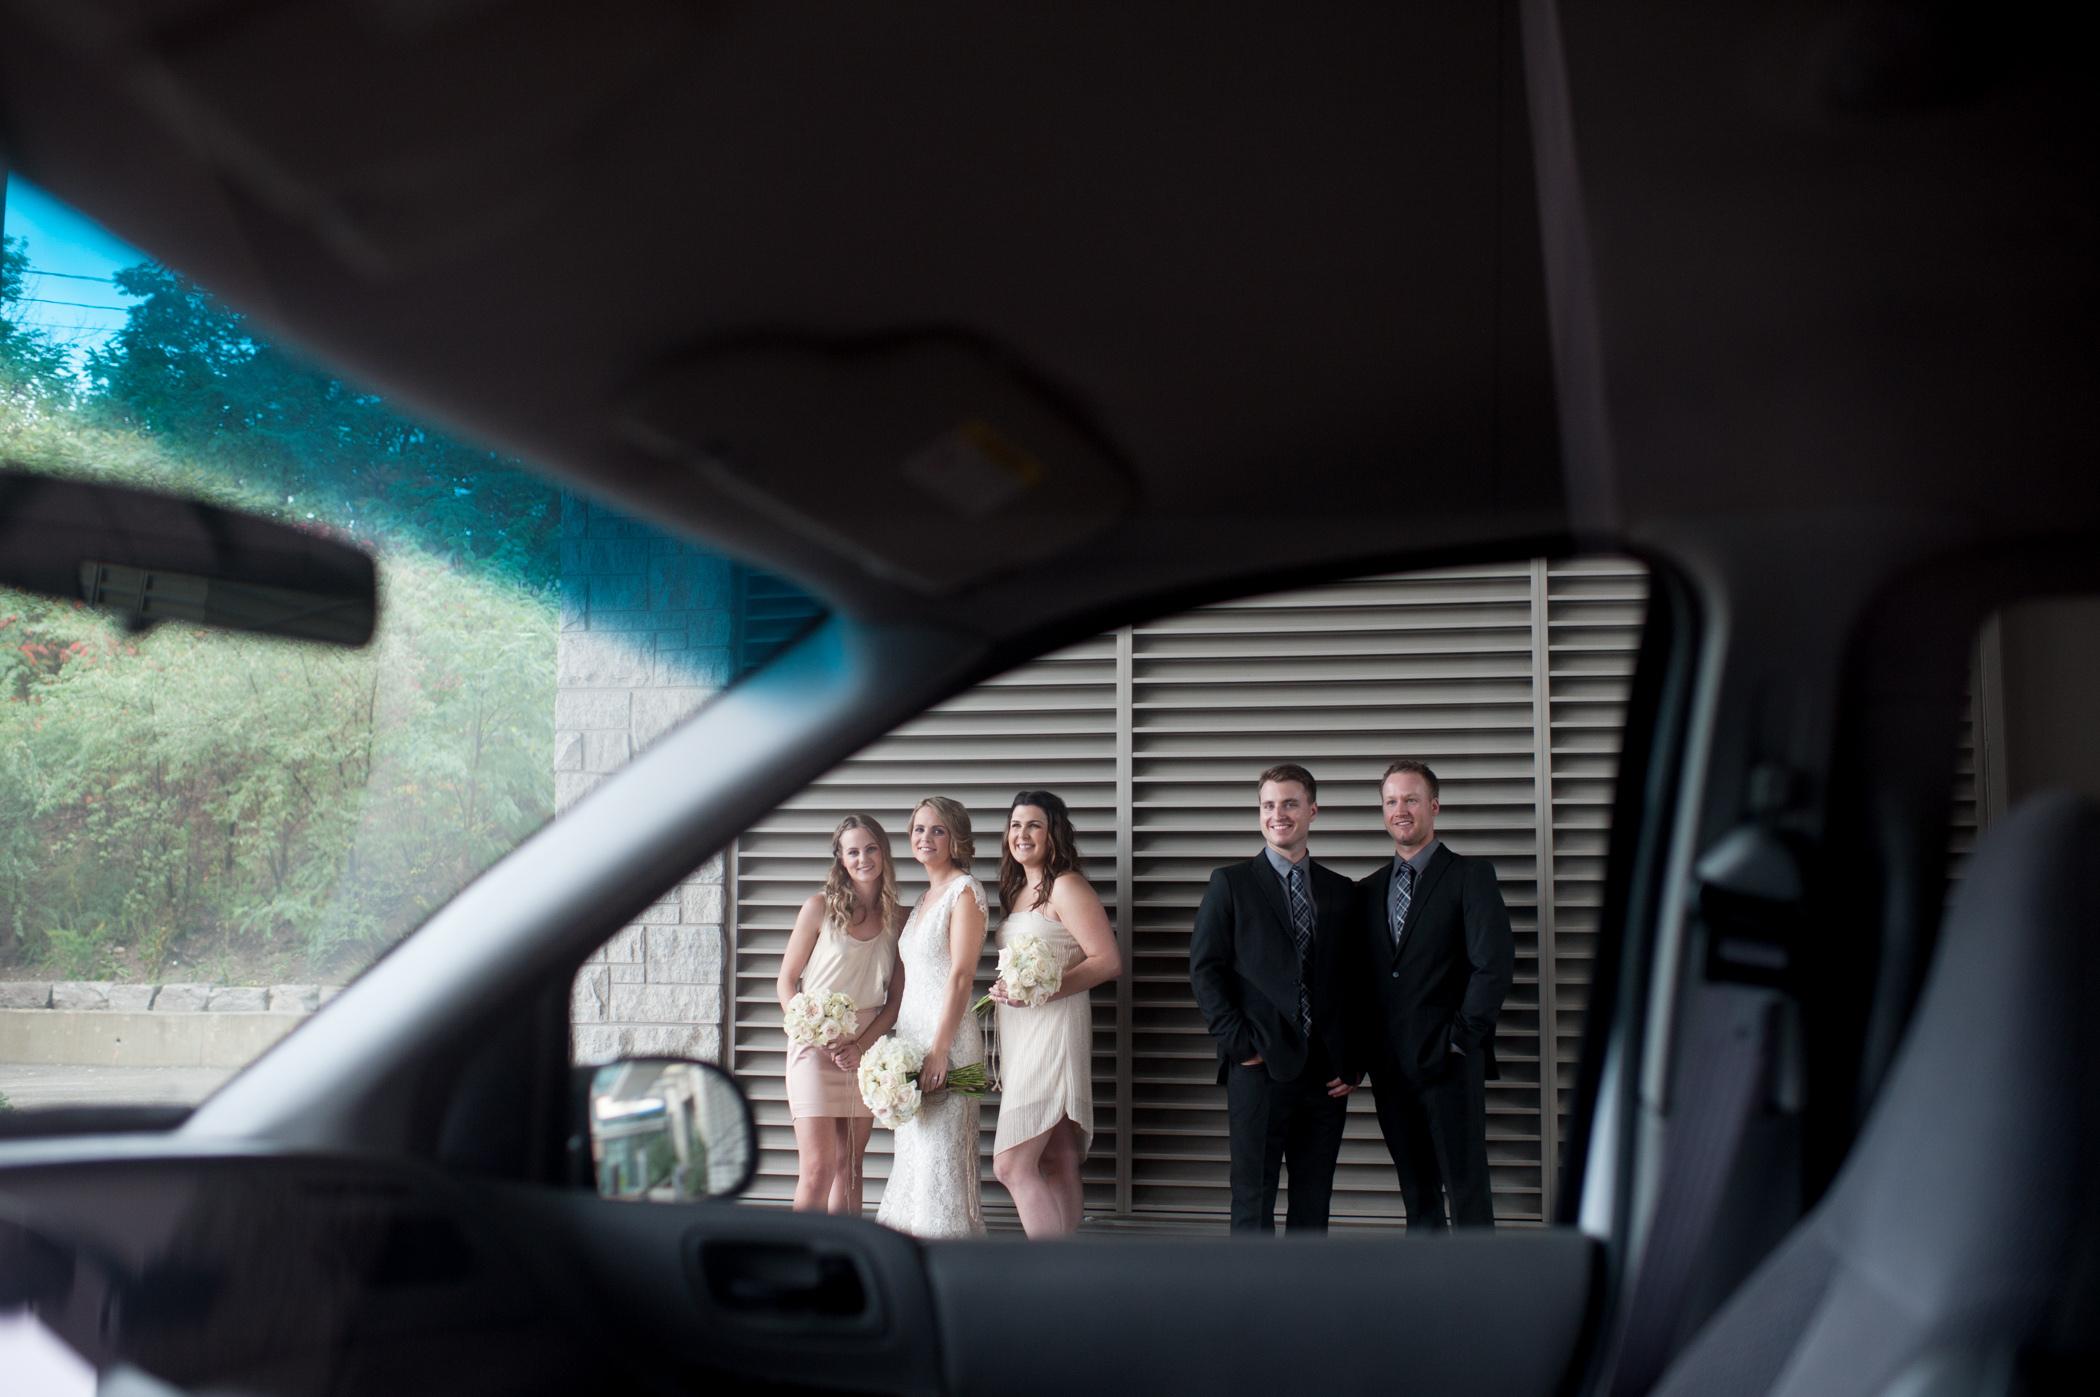 cambridge-wedding-photography-003.jpg